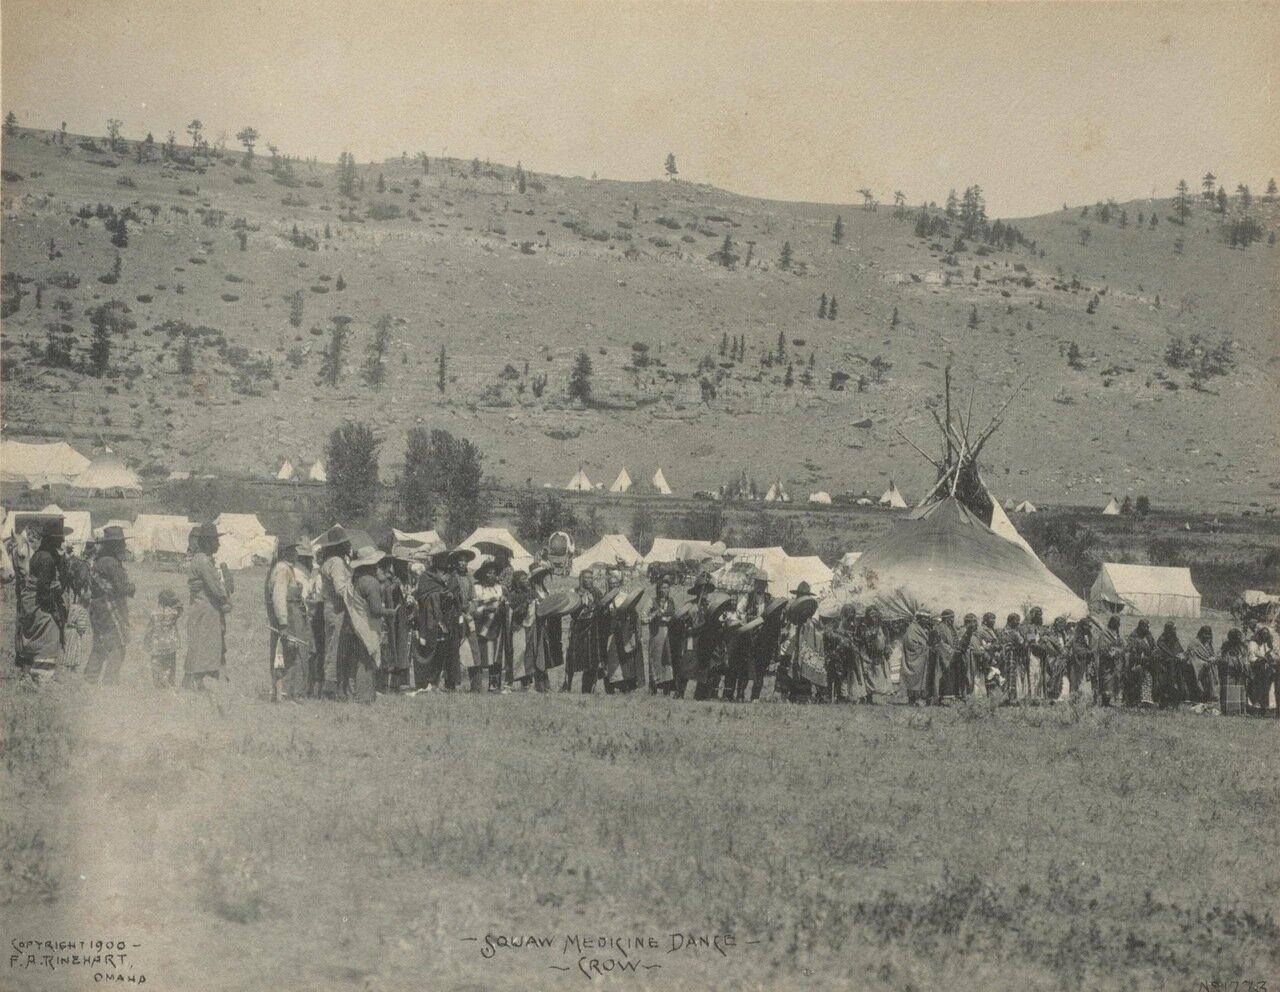 Скво племени кроу исполняют ритуальный танец. 1900